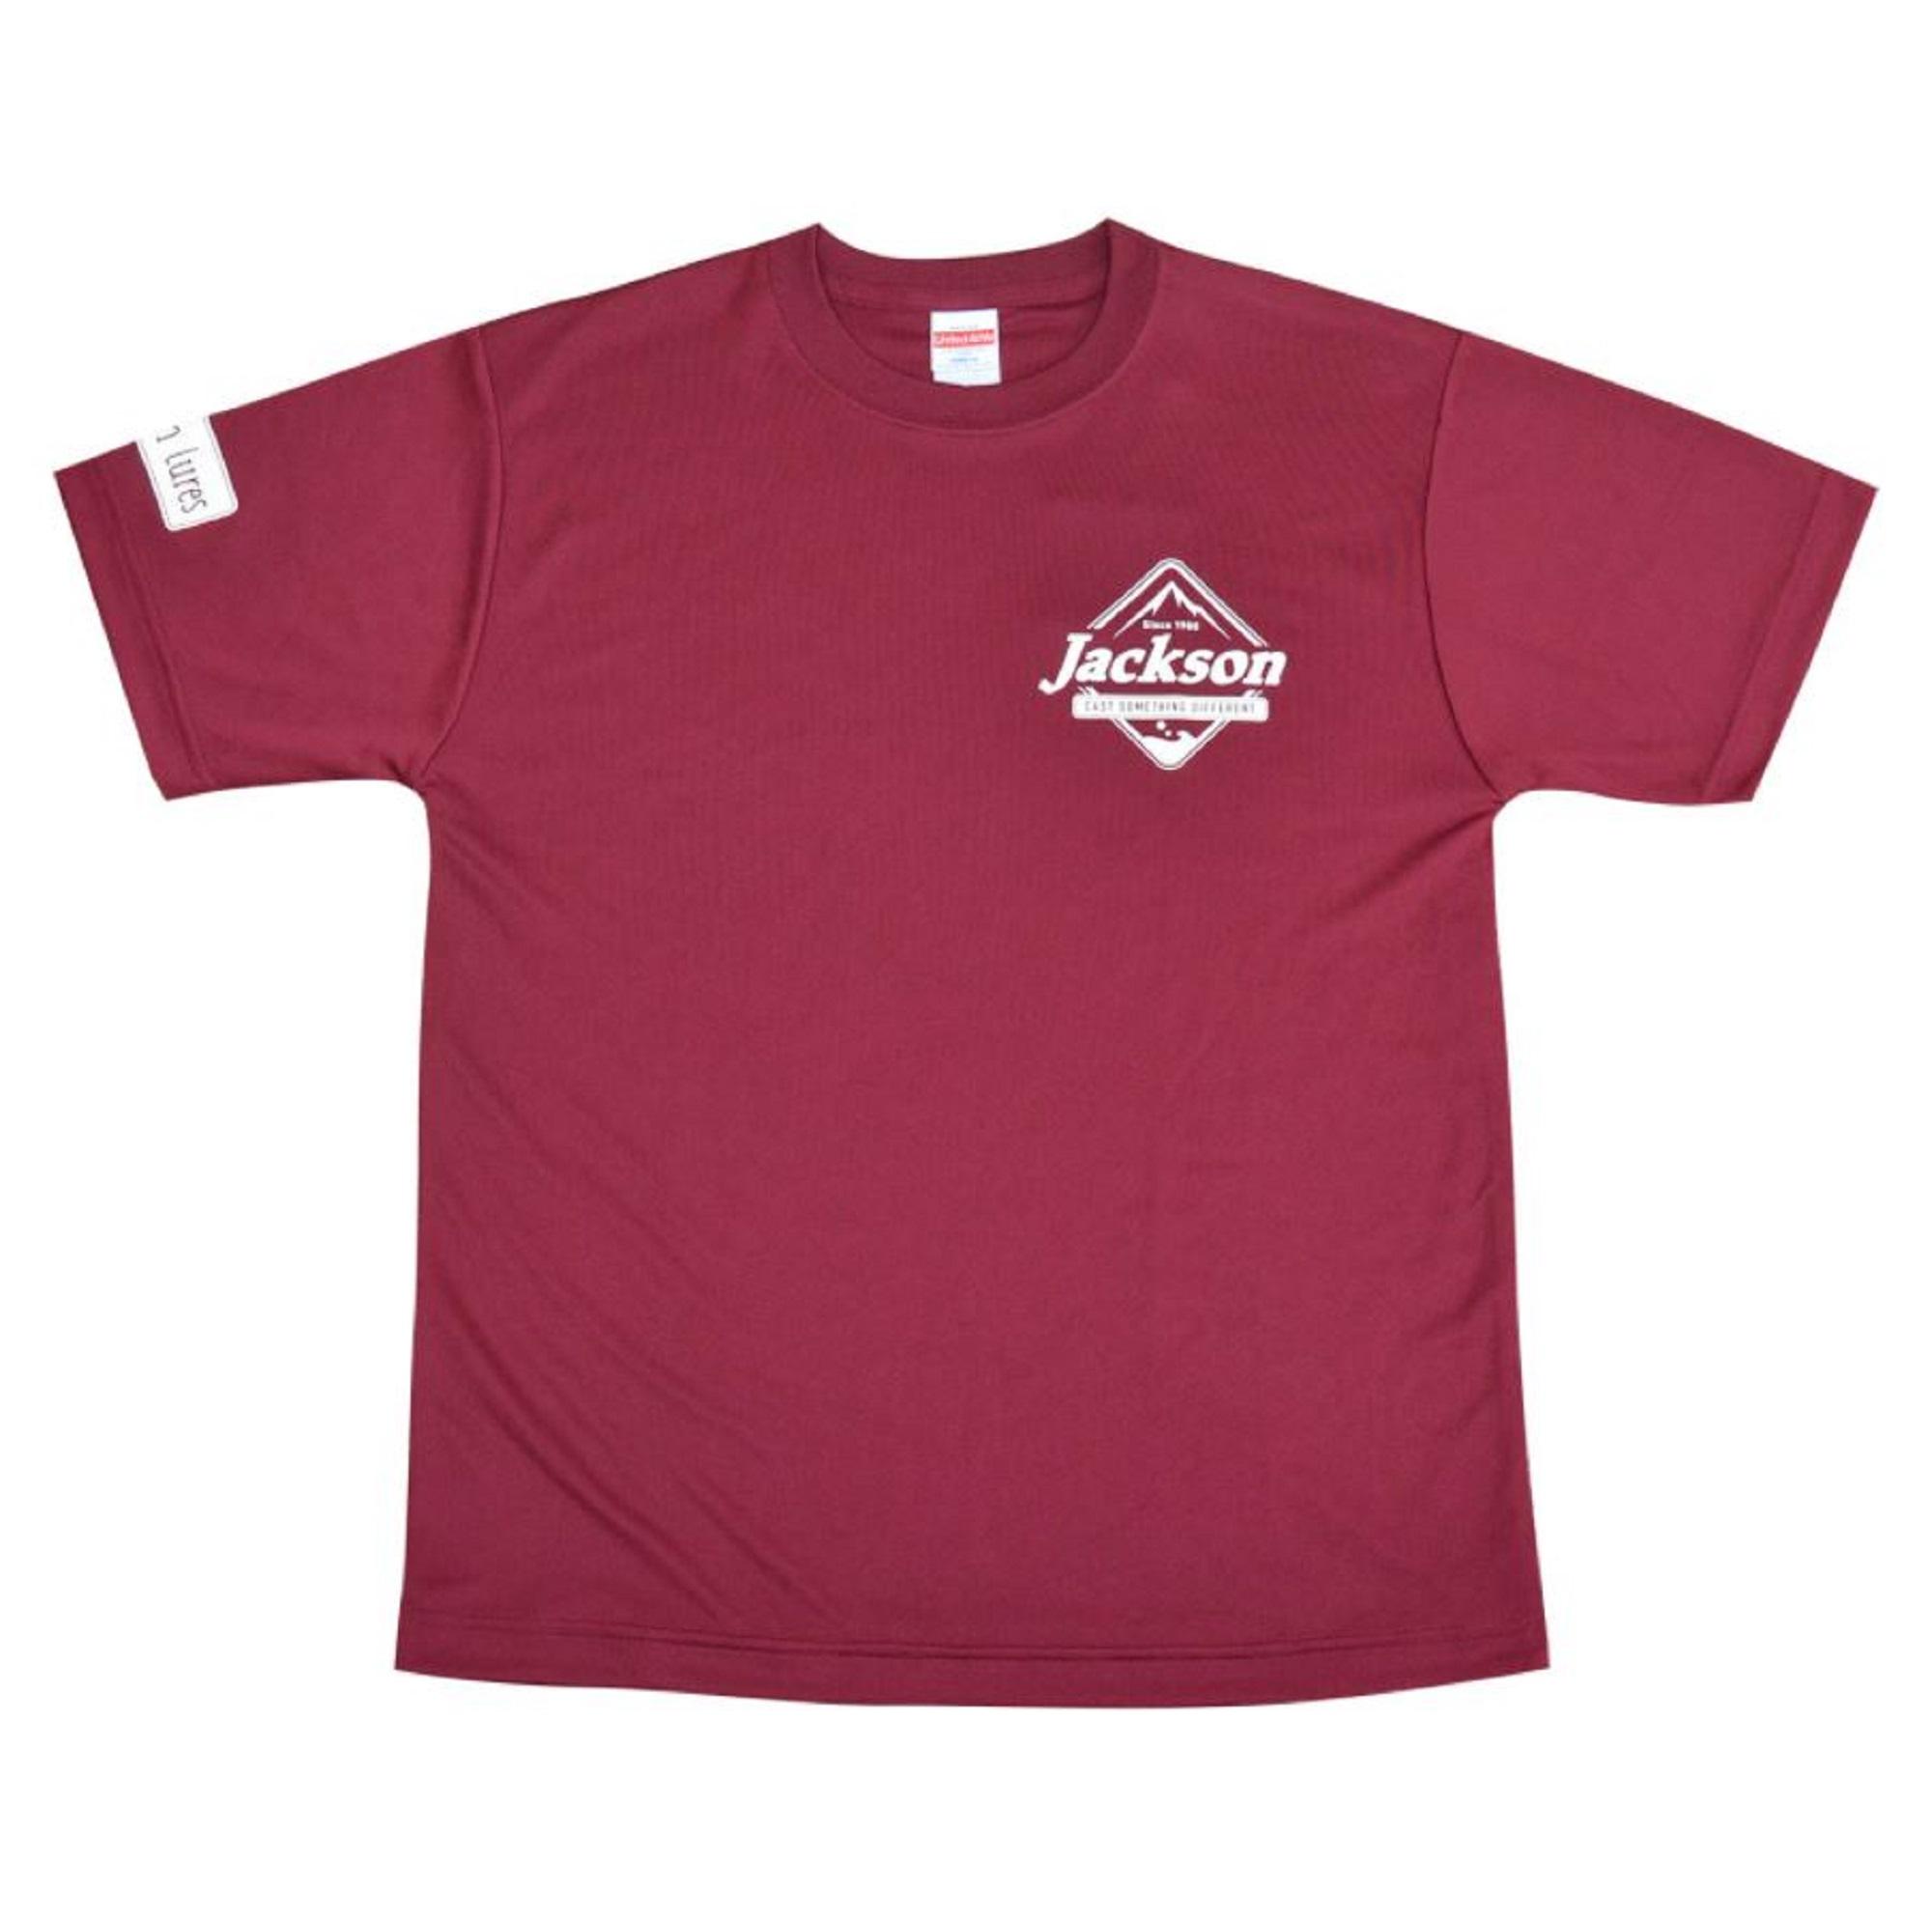 Jackson T-shirt Silky Touch Tee Burgundy XXL (9168)